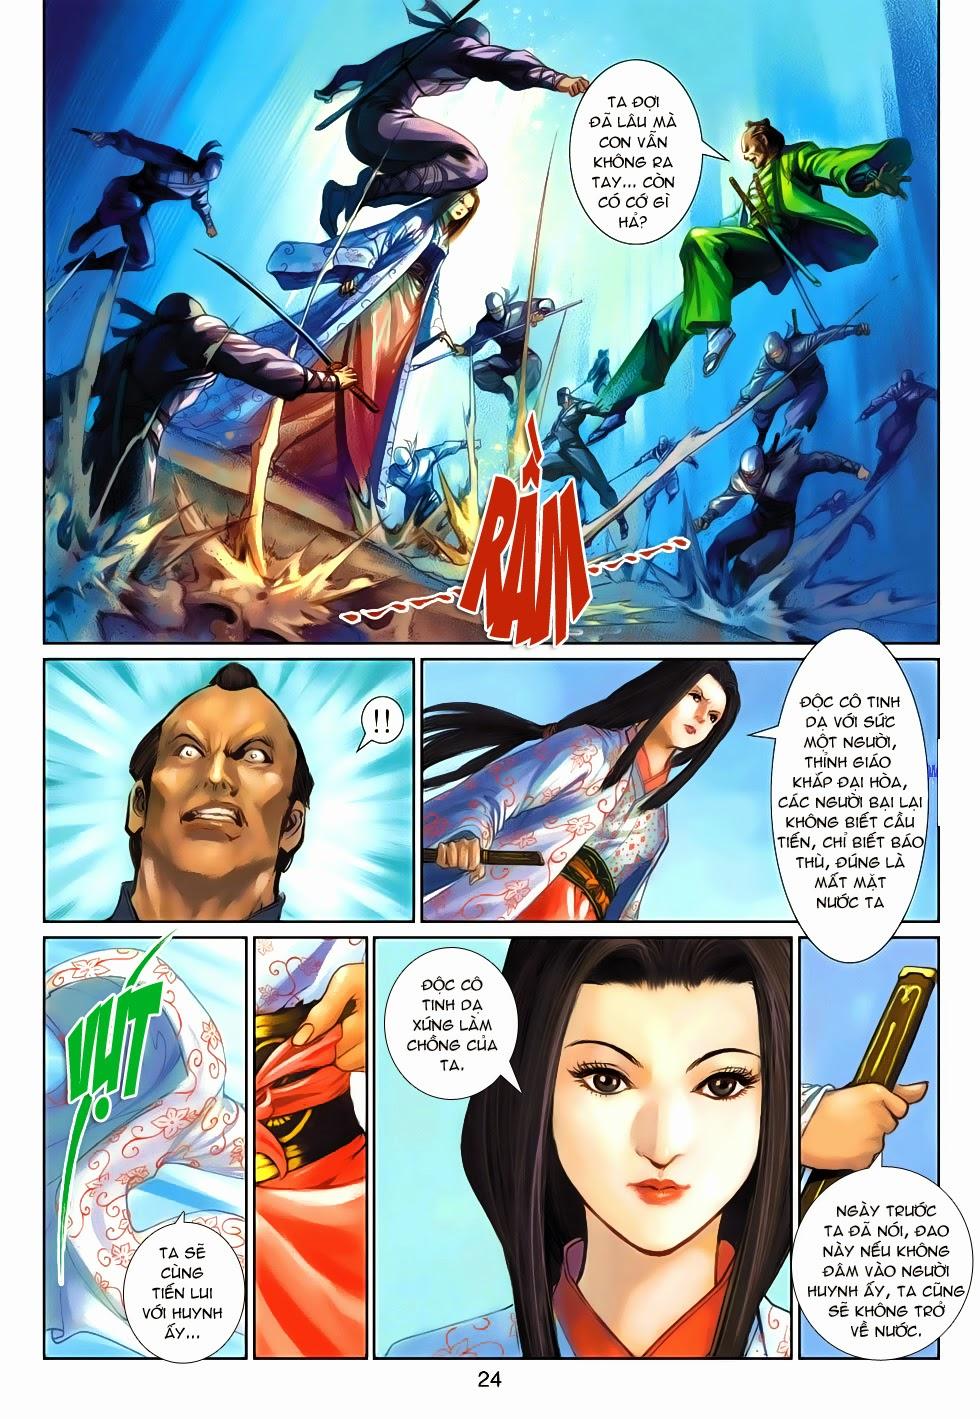 Thần Binh Tiền Truyện 4 - Huyền Thiên Tà Đế chap 9 - Trang 24